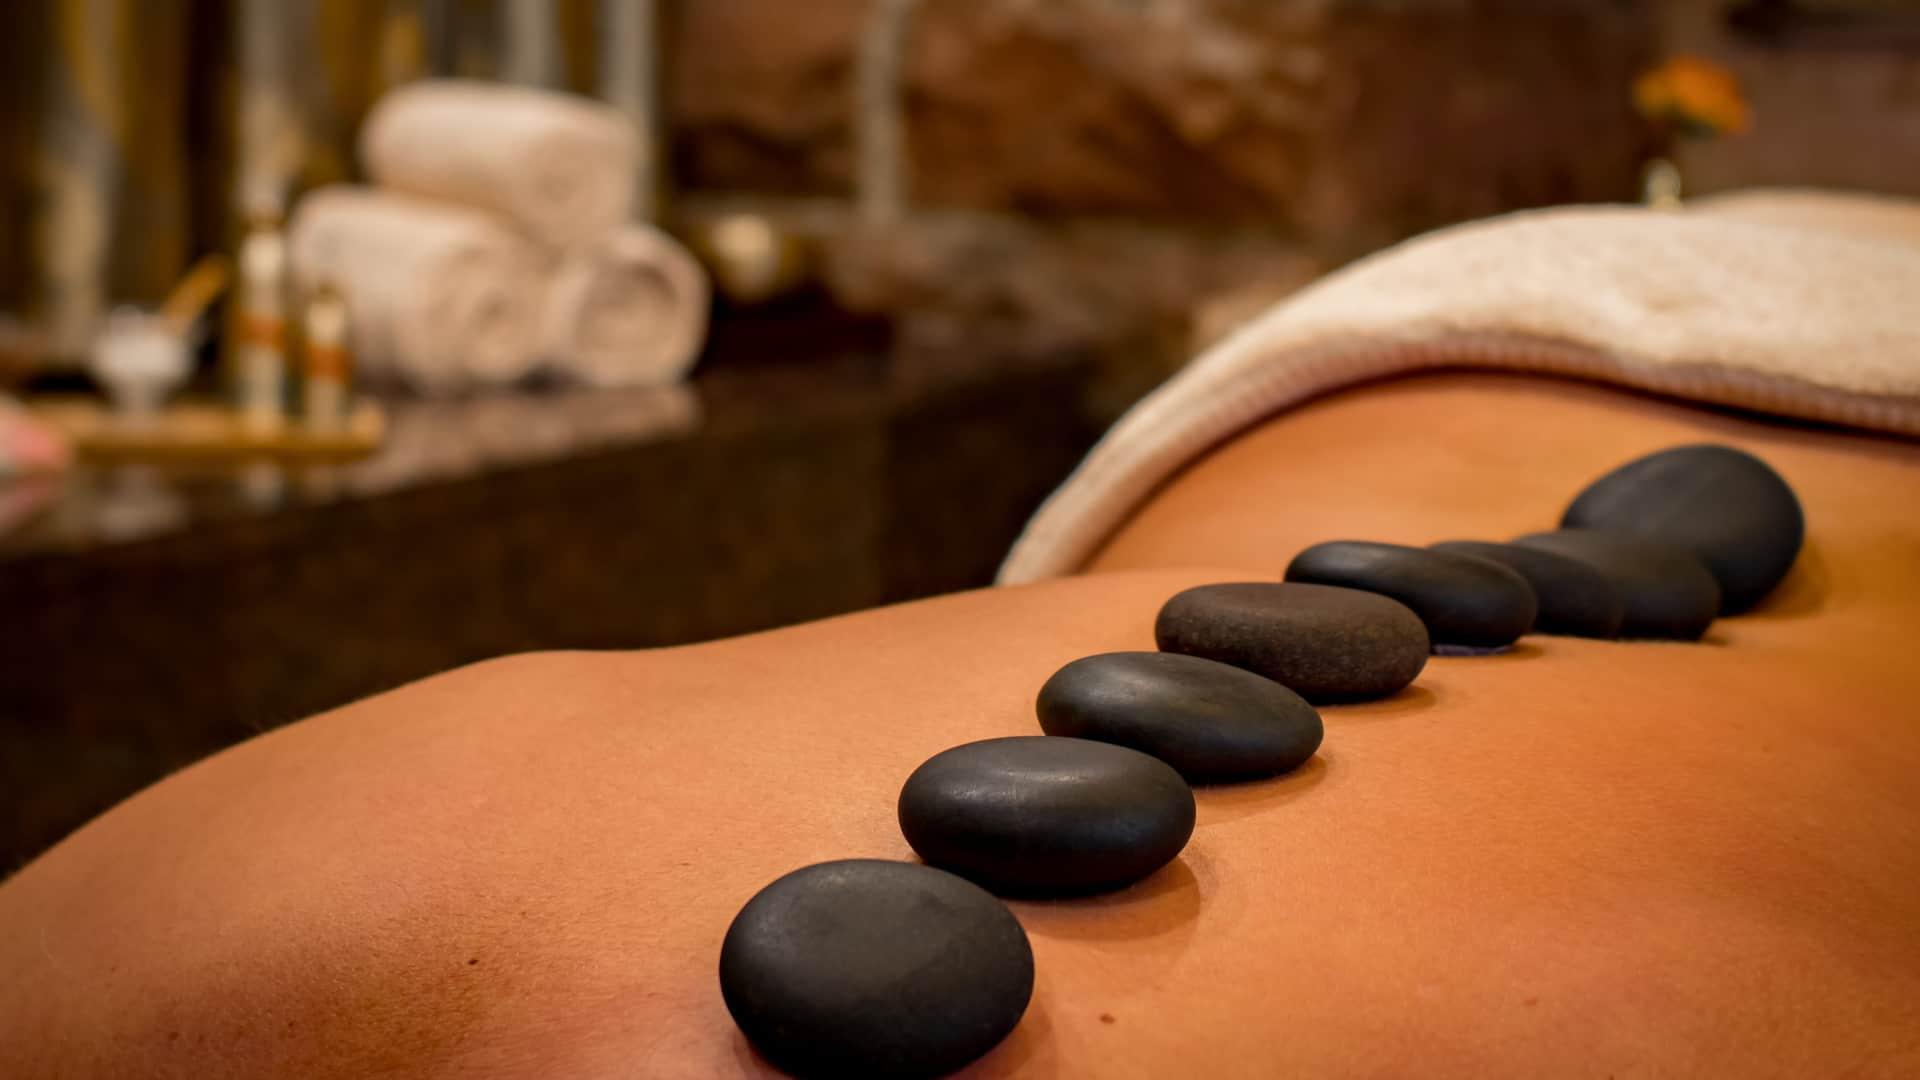 prendre soin de soi par un massage